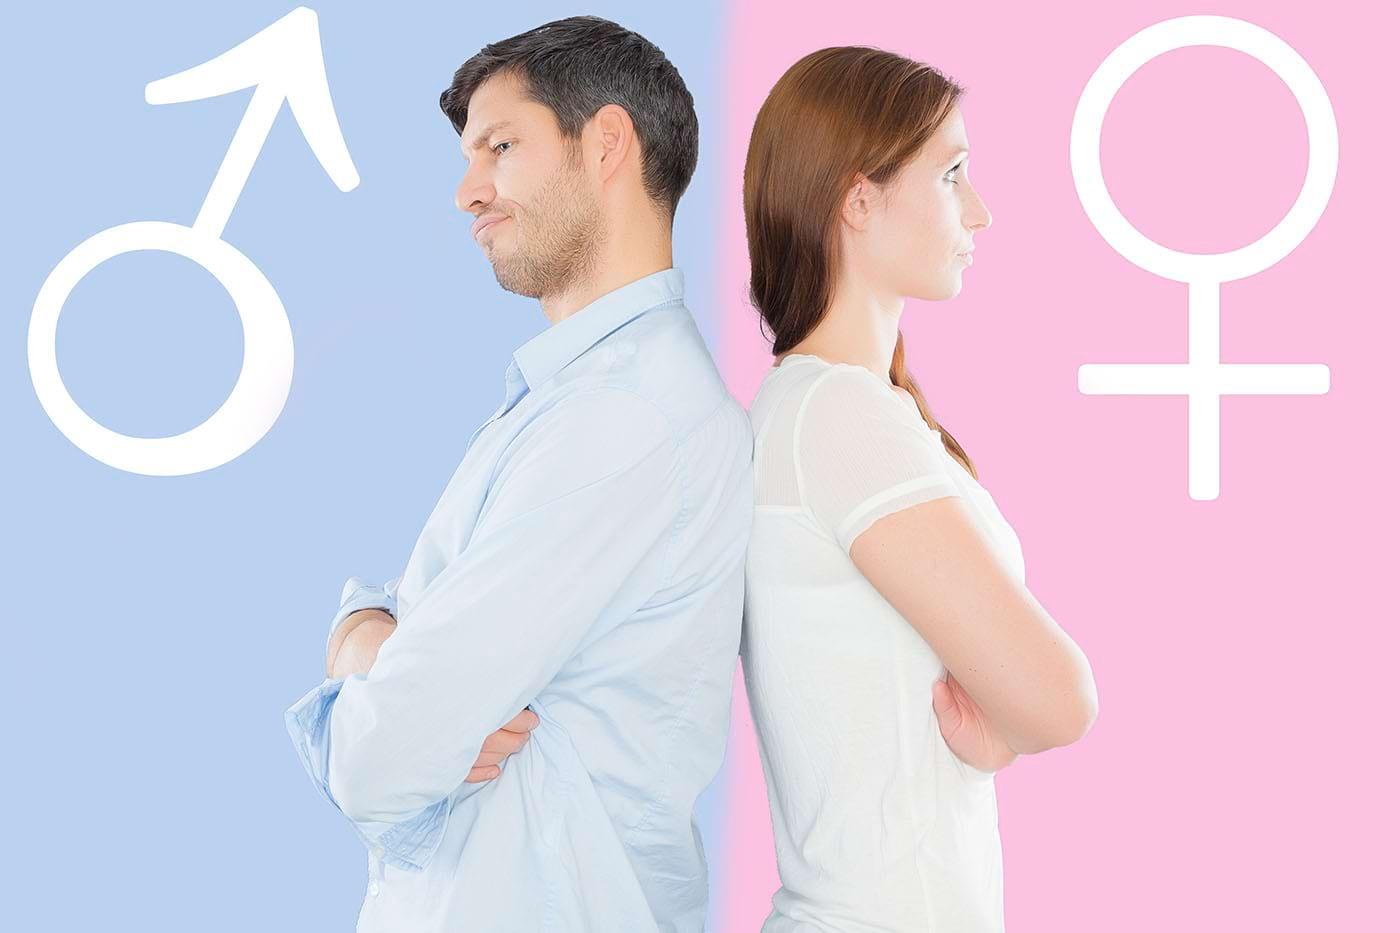 Boli care afectează diferit bărbații și femeile